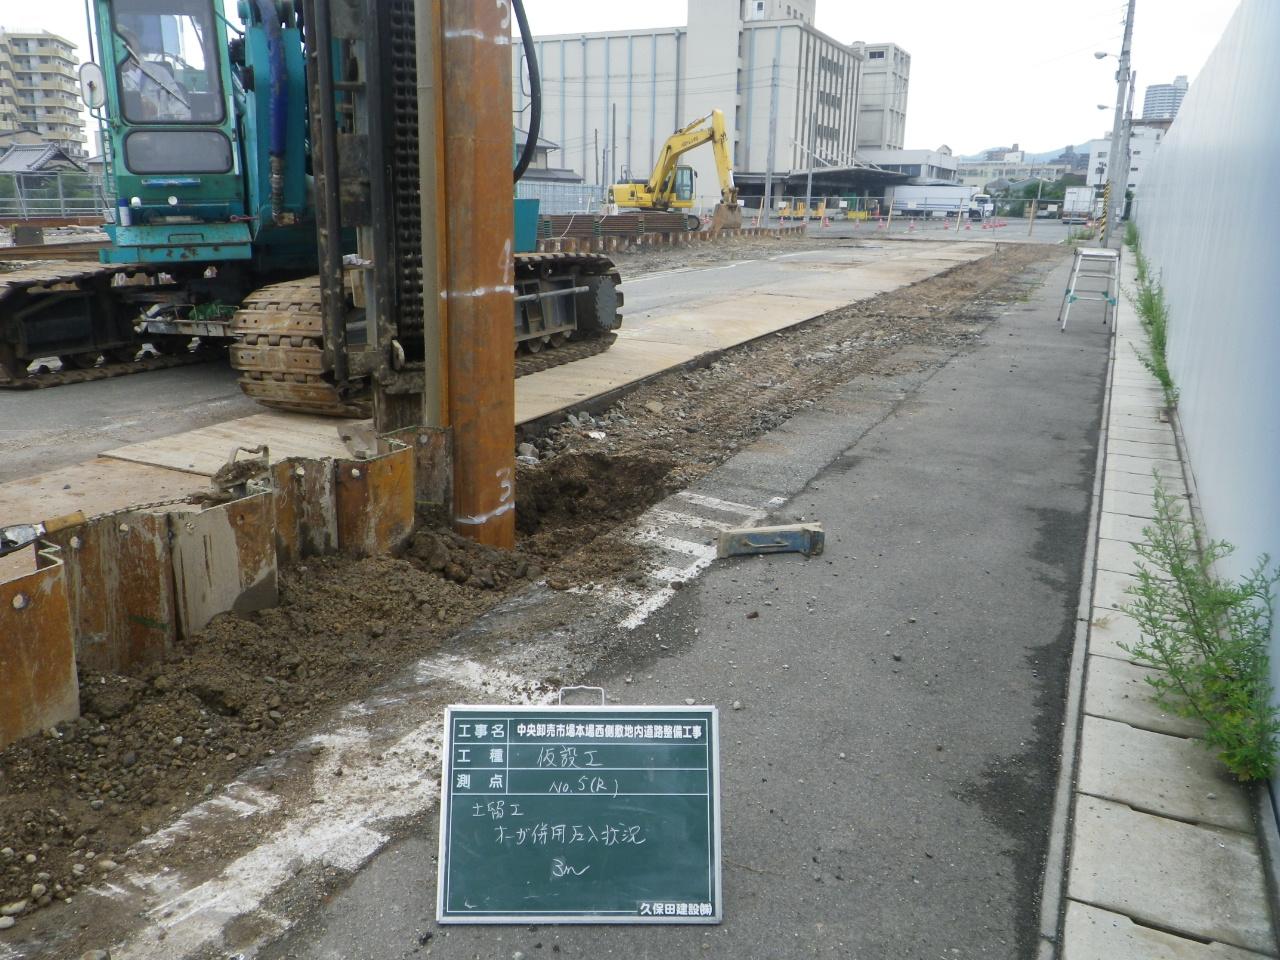 中央市場:道路設備工事13